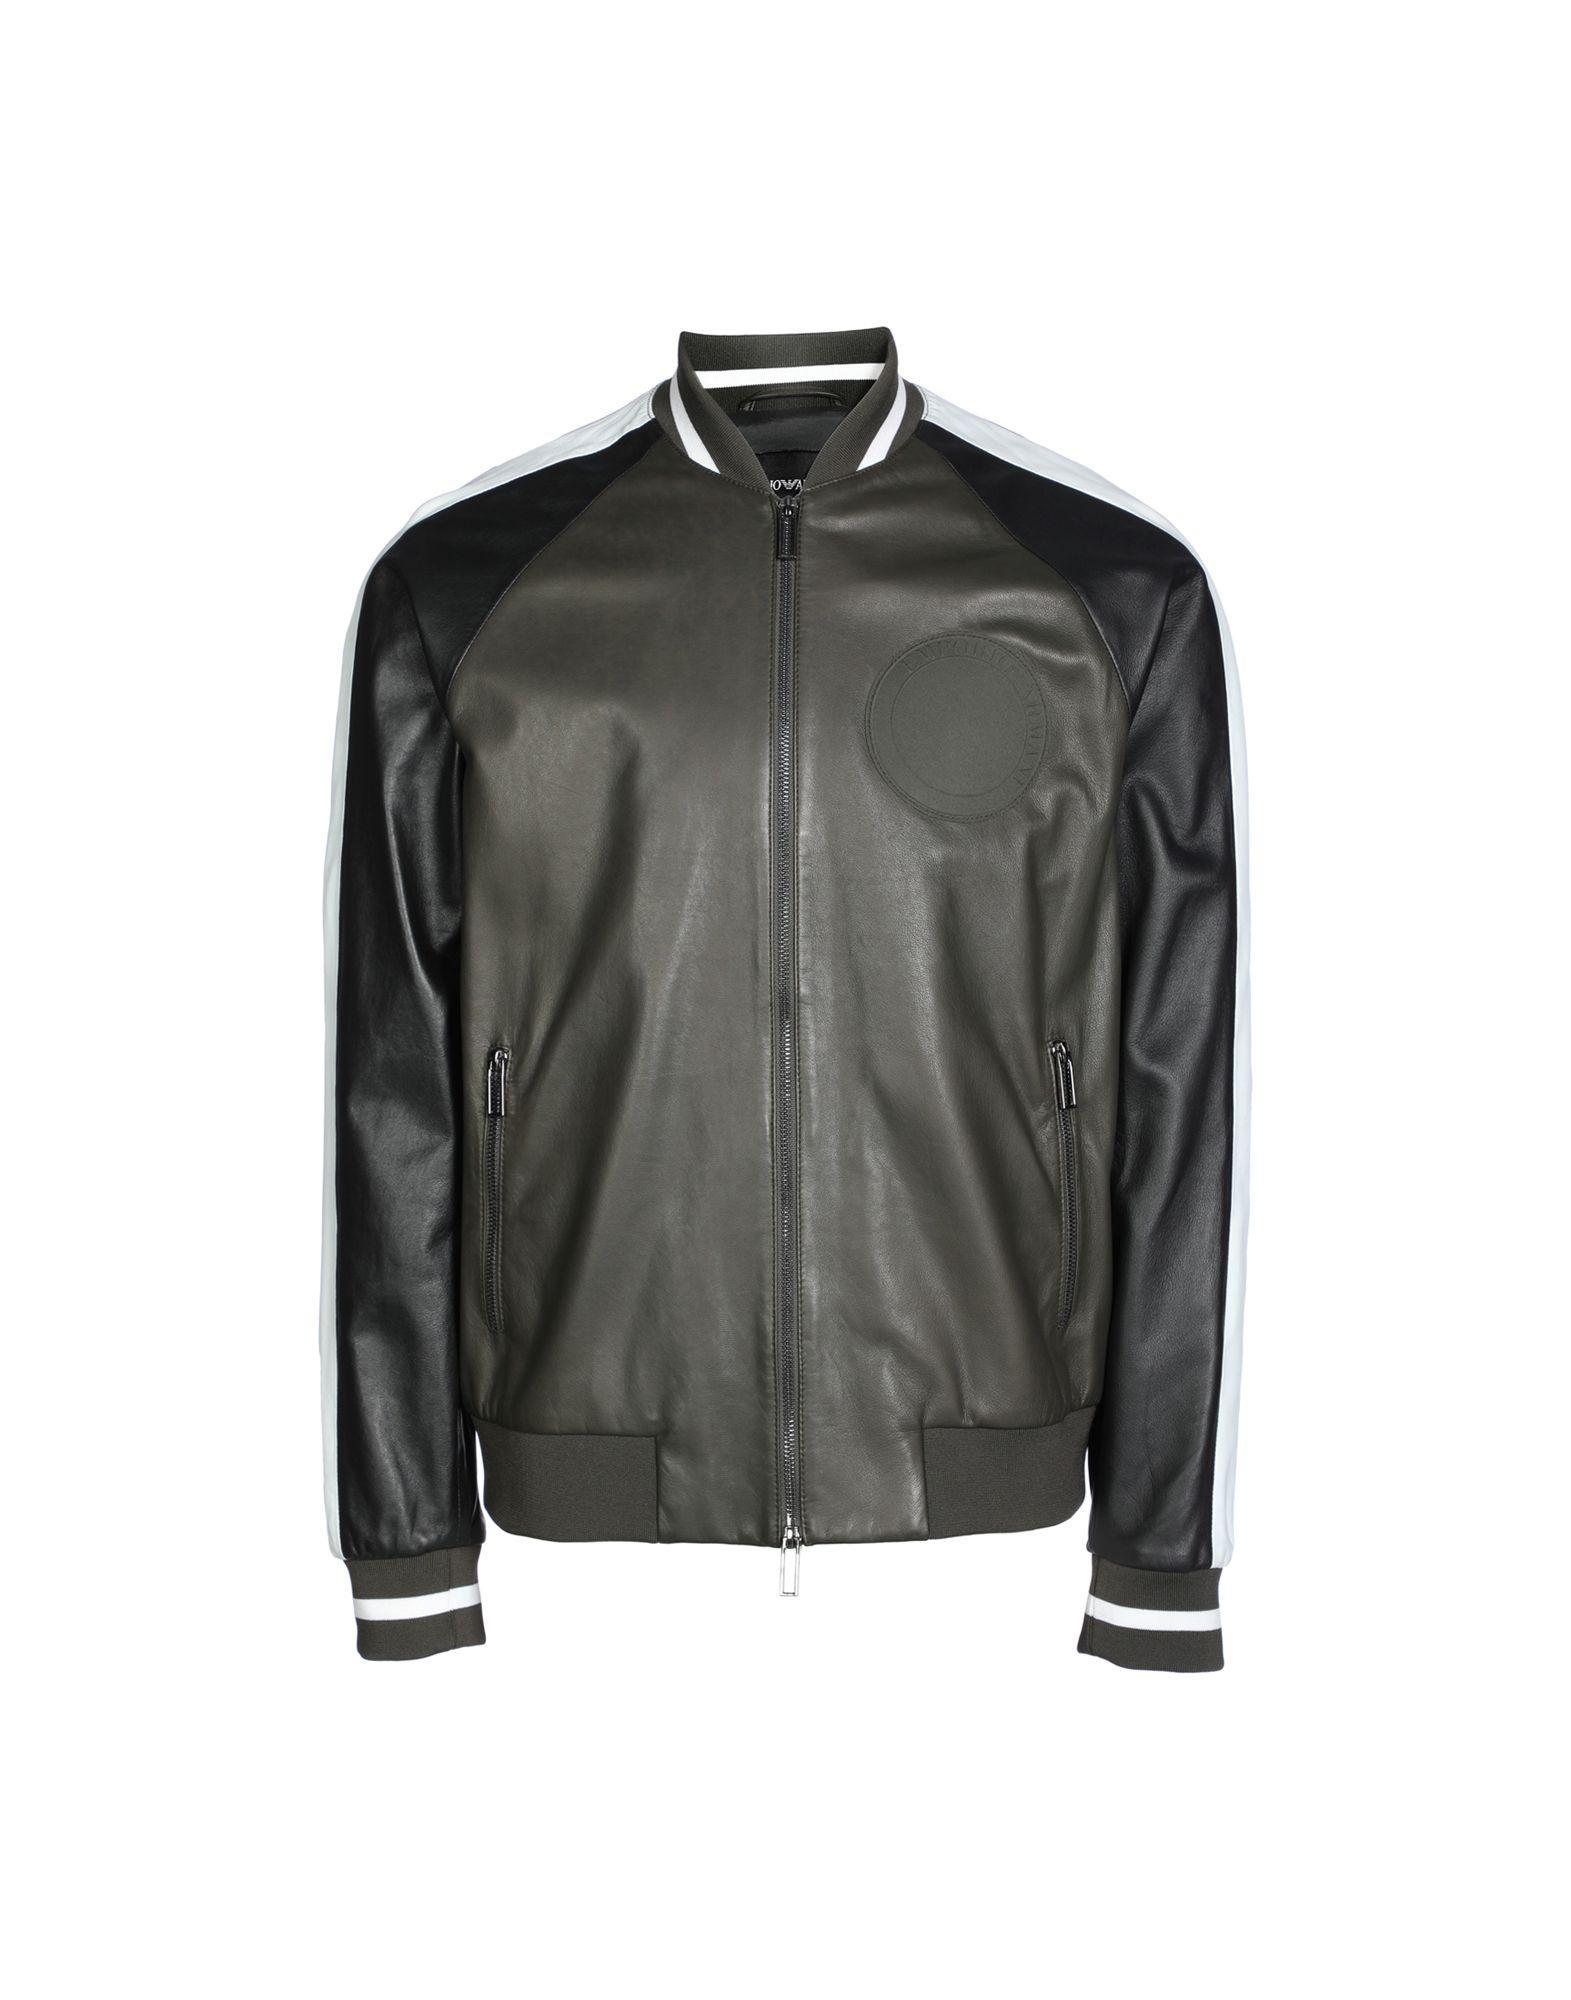 Emporio Armani Jackets In Black